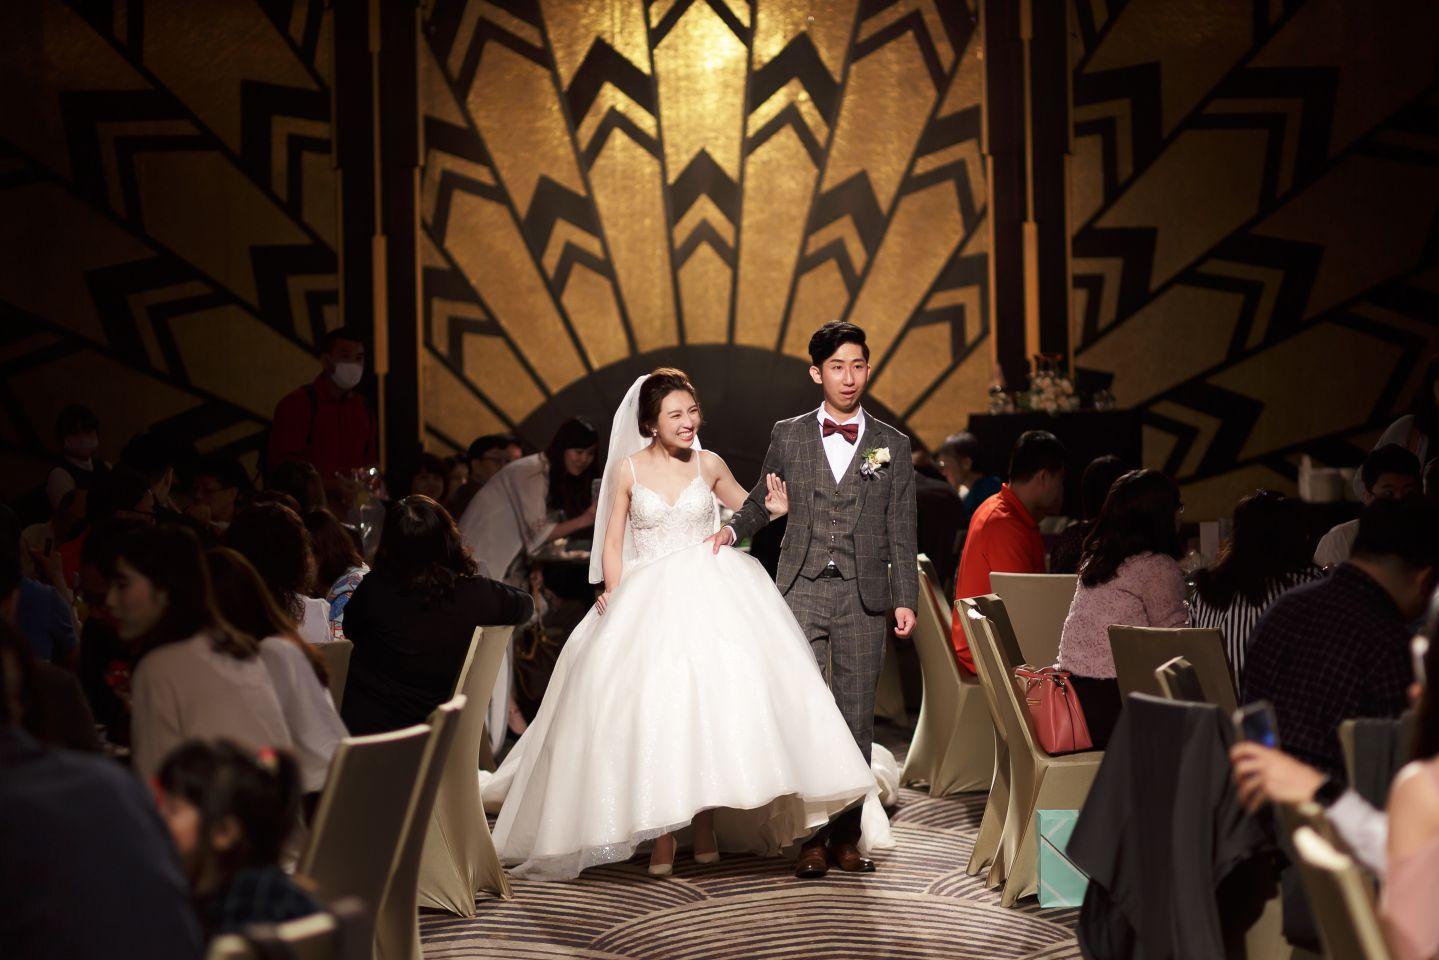 晶綺盛宴黃金廳婚攝,晶綺盛宴婚攝,高雄婚攝,高雄婚攝推薦,台鋁婚攝,婚攝,婚攝推薦